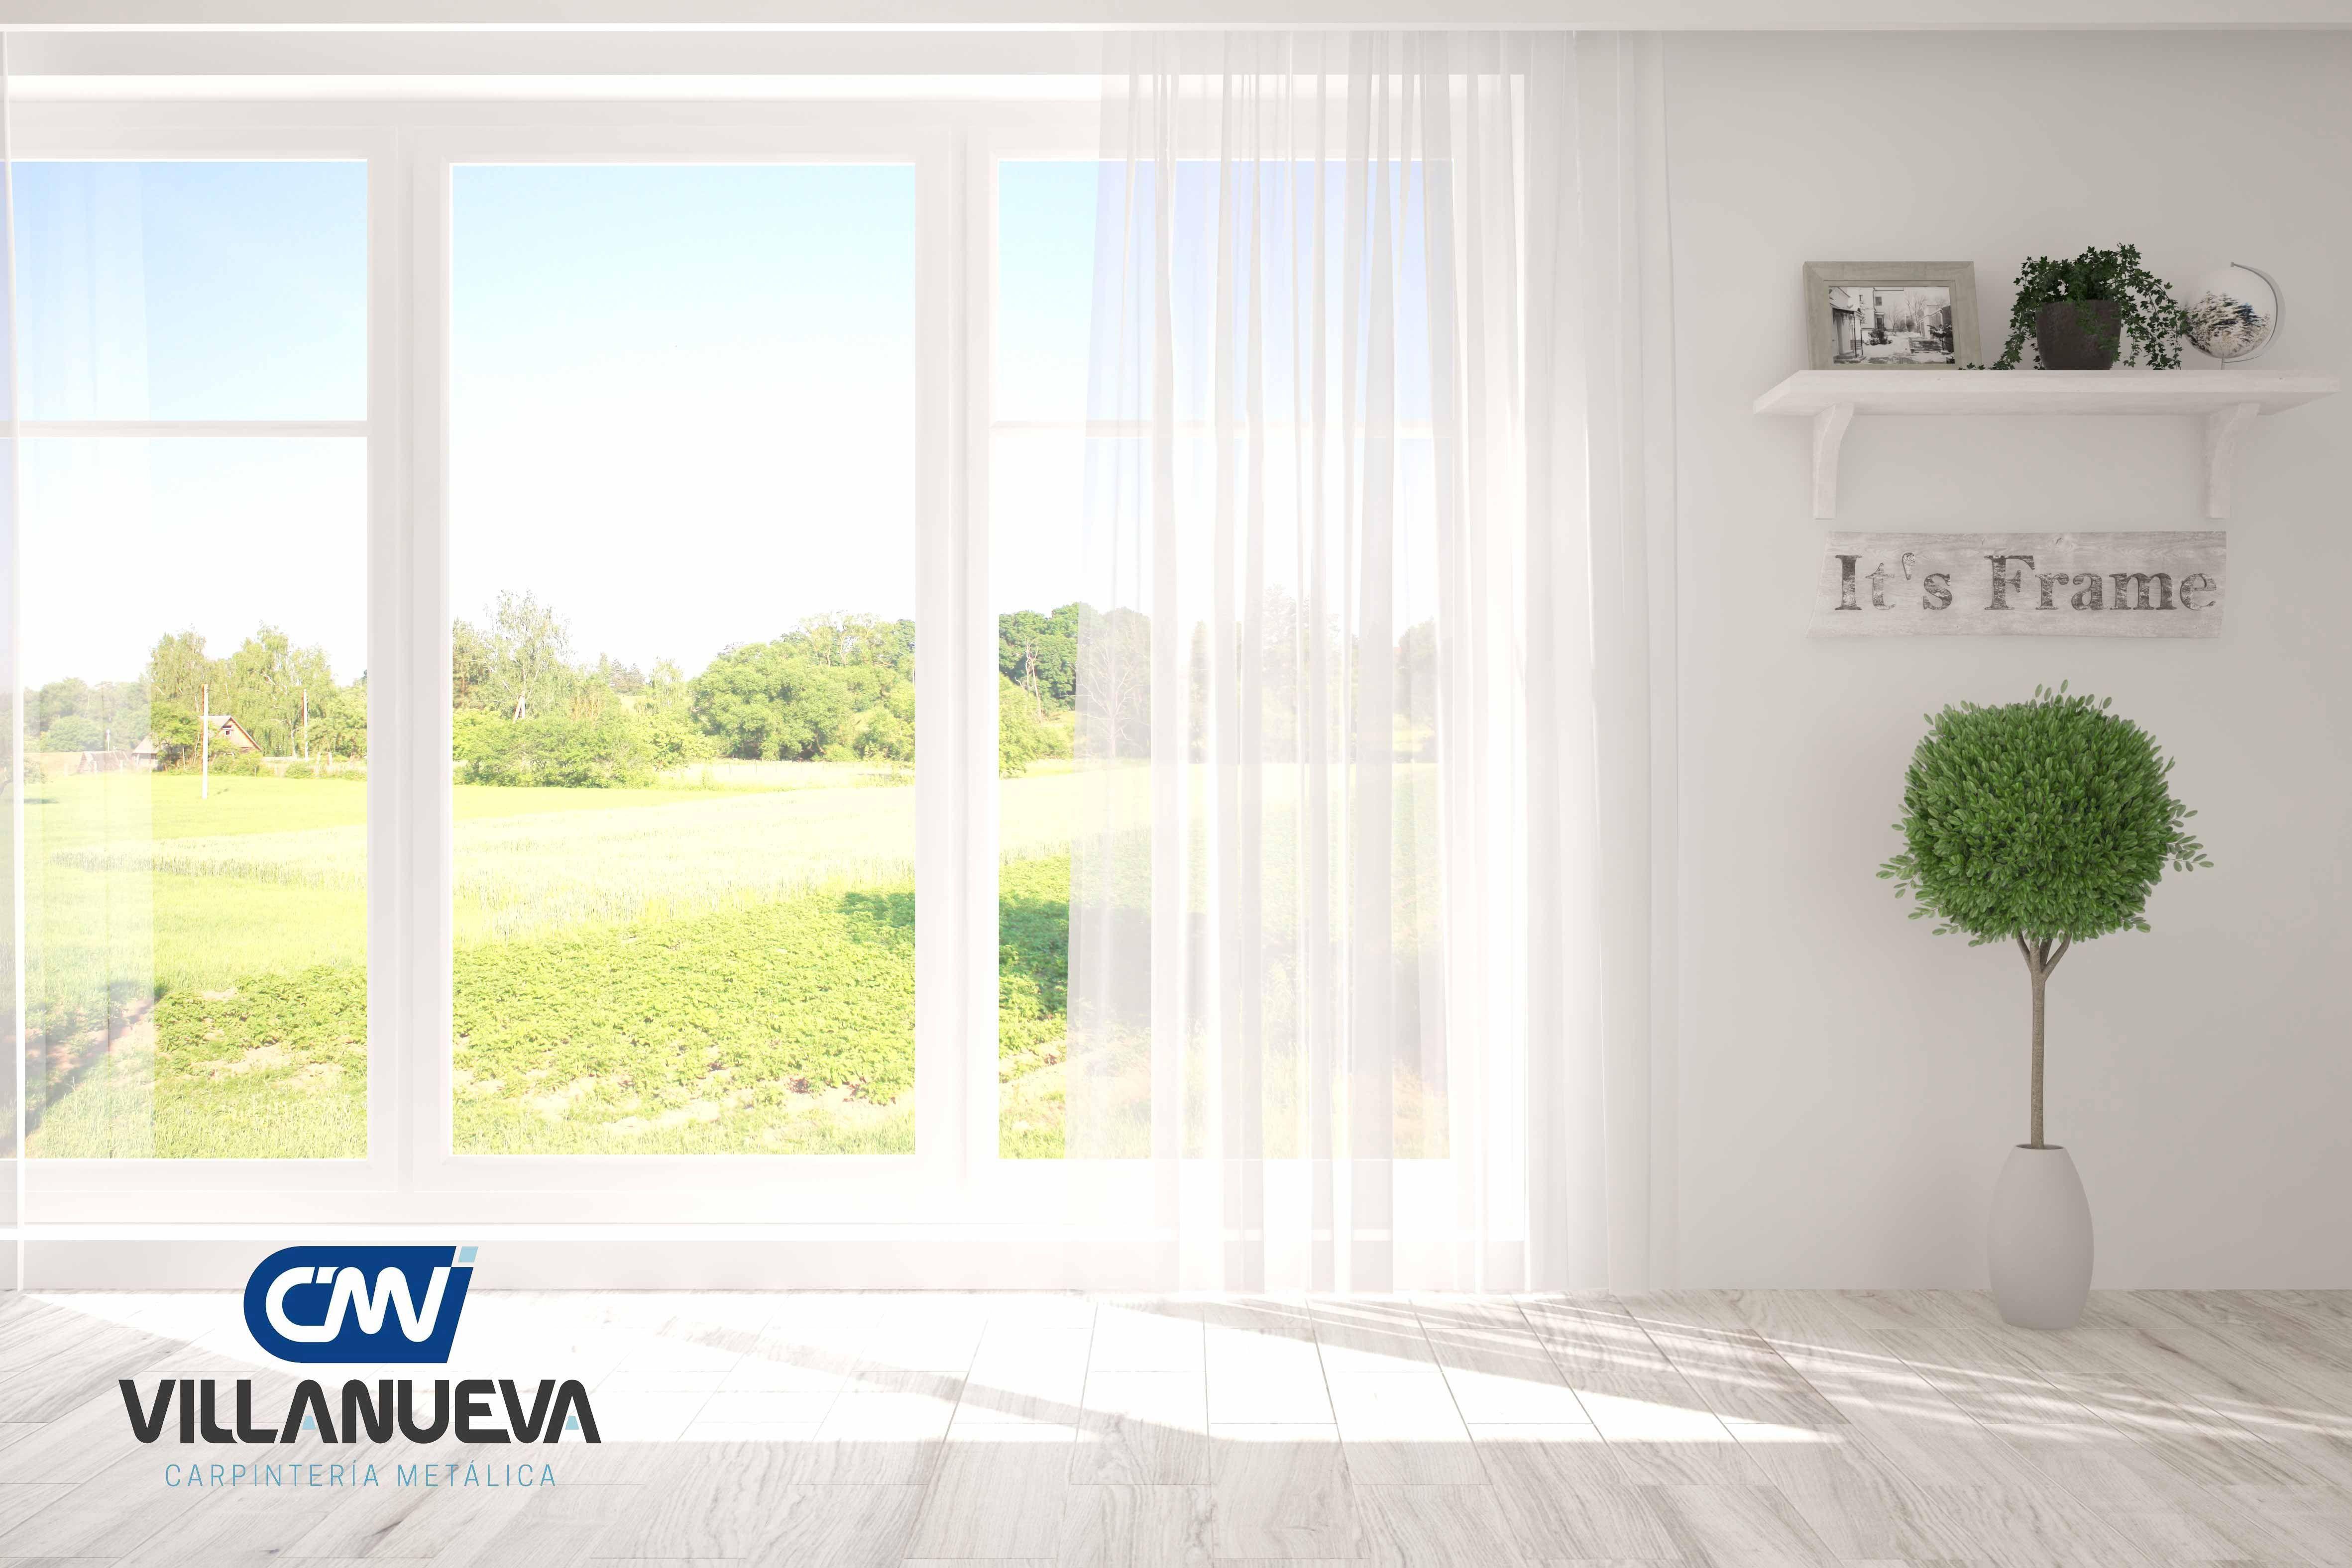 Carpintería Metálica Villanueva da las claves para mejorar el confort de las casas